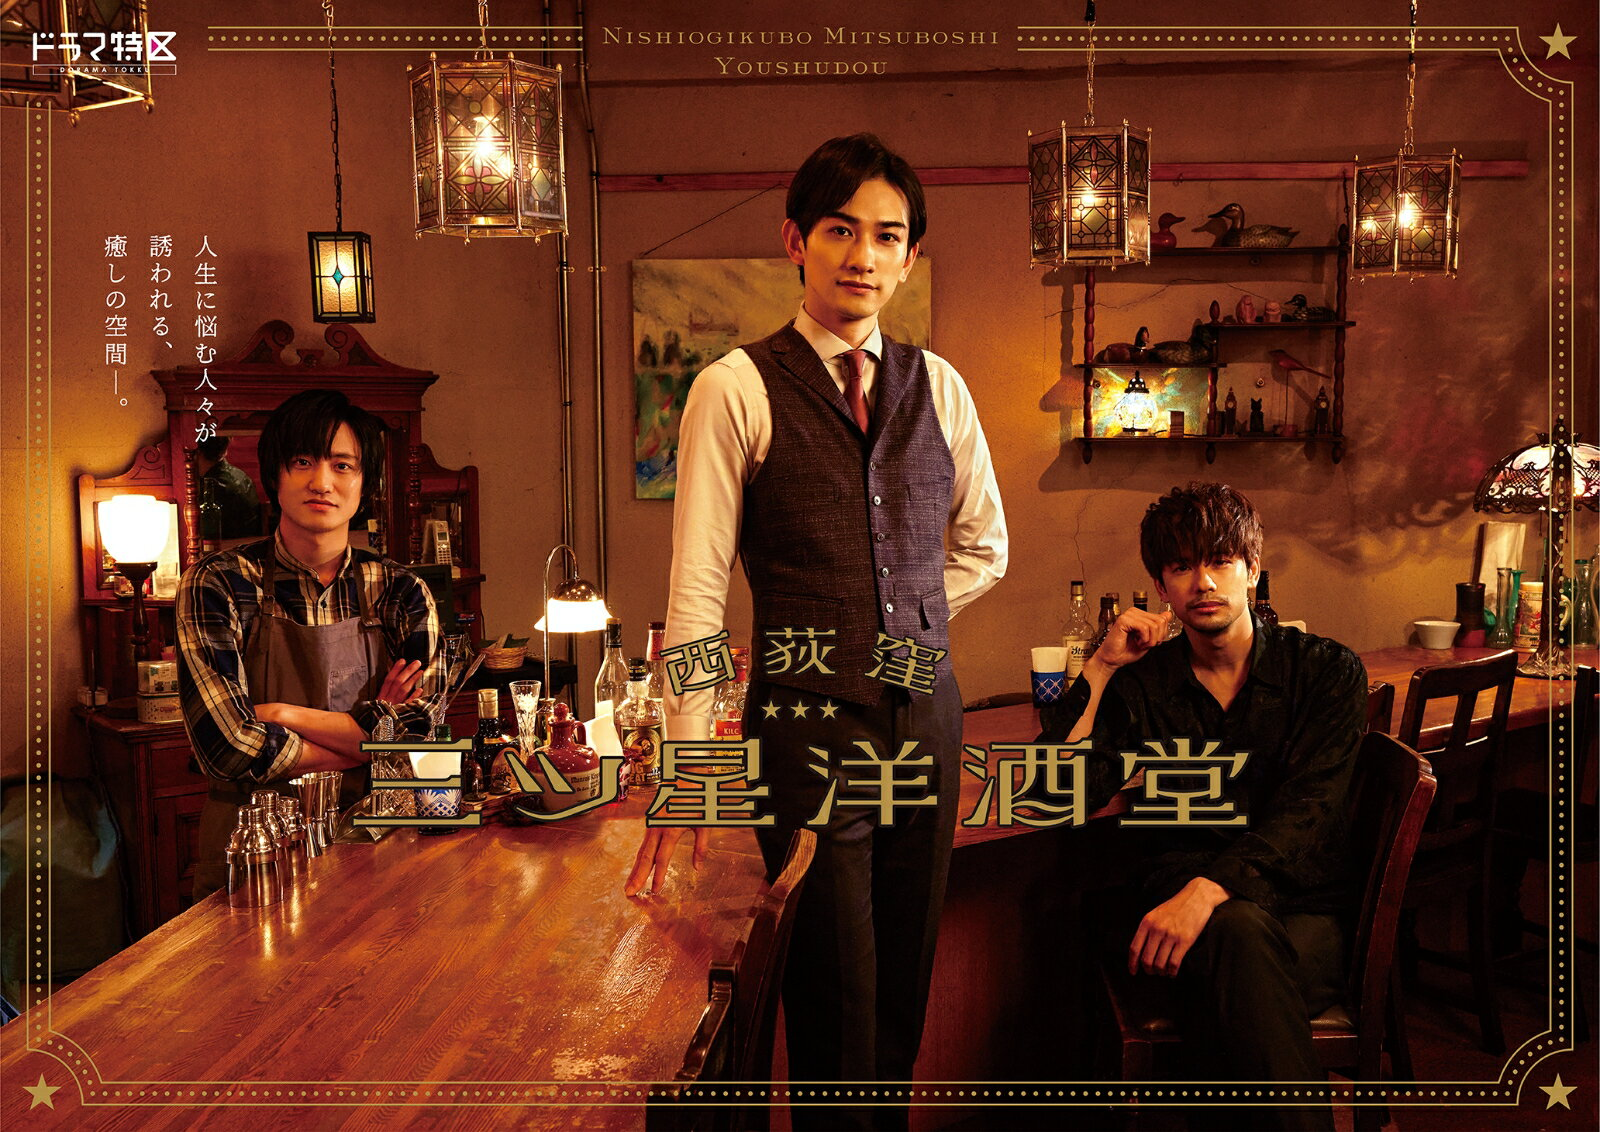 西荻窪 三ツ星洋酒堂 DVD-BOX